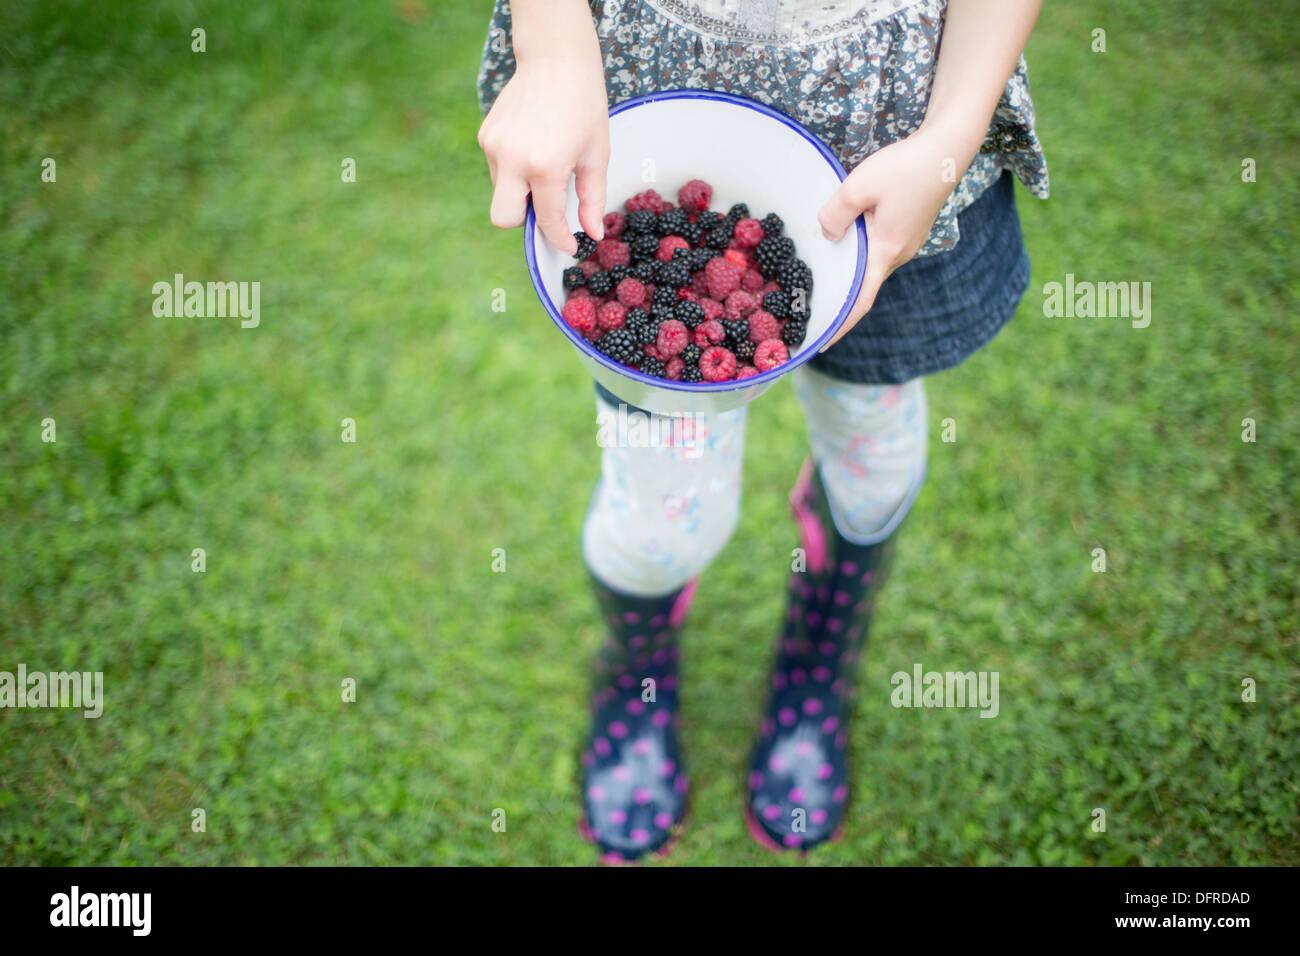 Chica sujetando el tazón lleno de frambuesas y moras Imagen De Stock